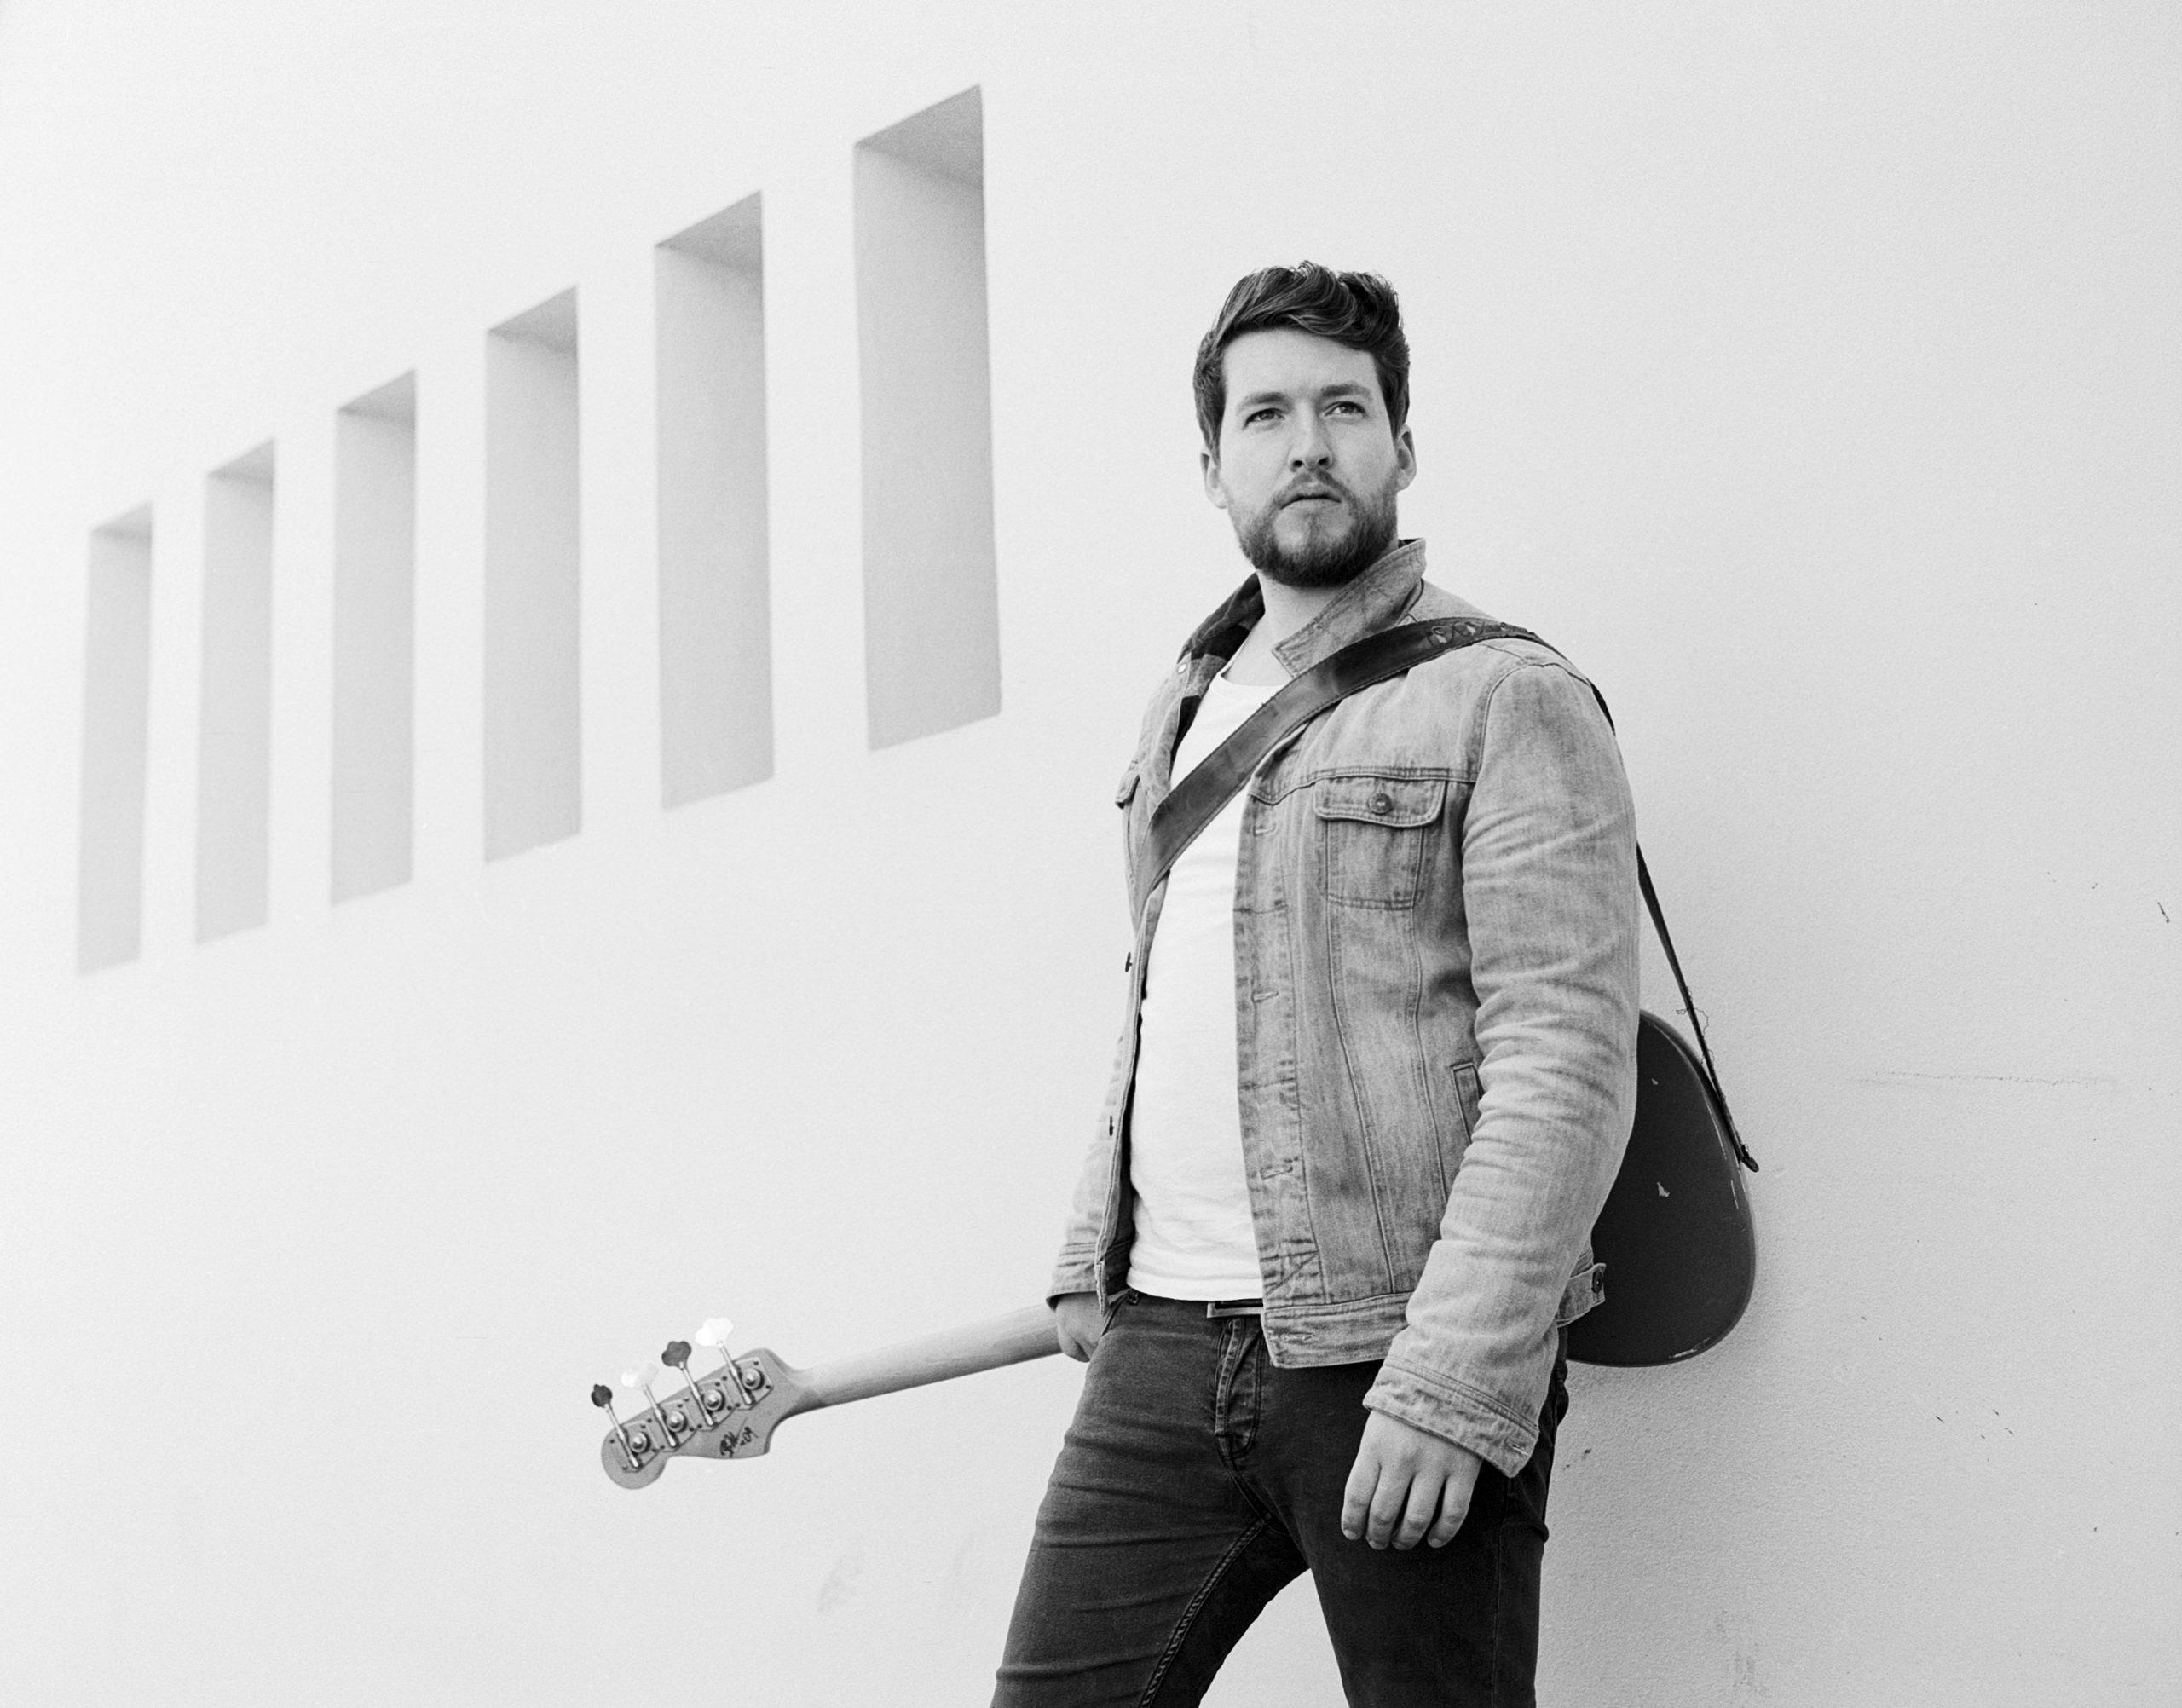 Mann mit Bass Gitarre vor weißer Wand